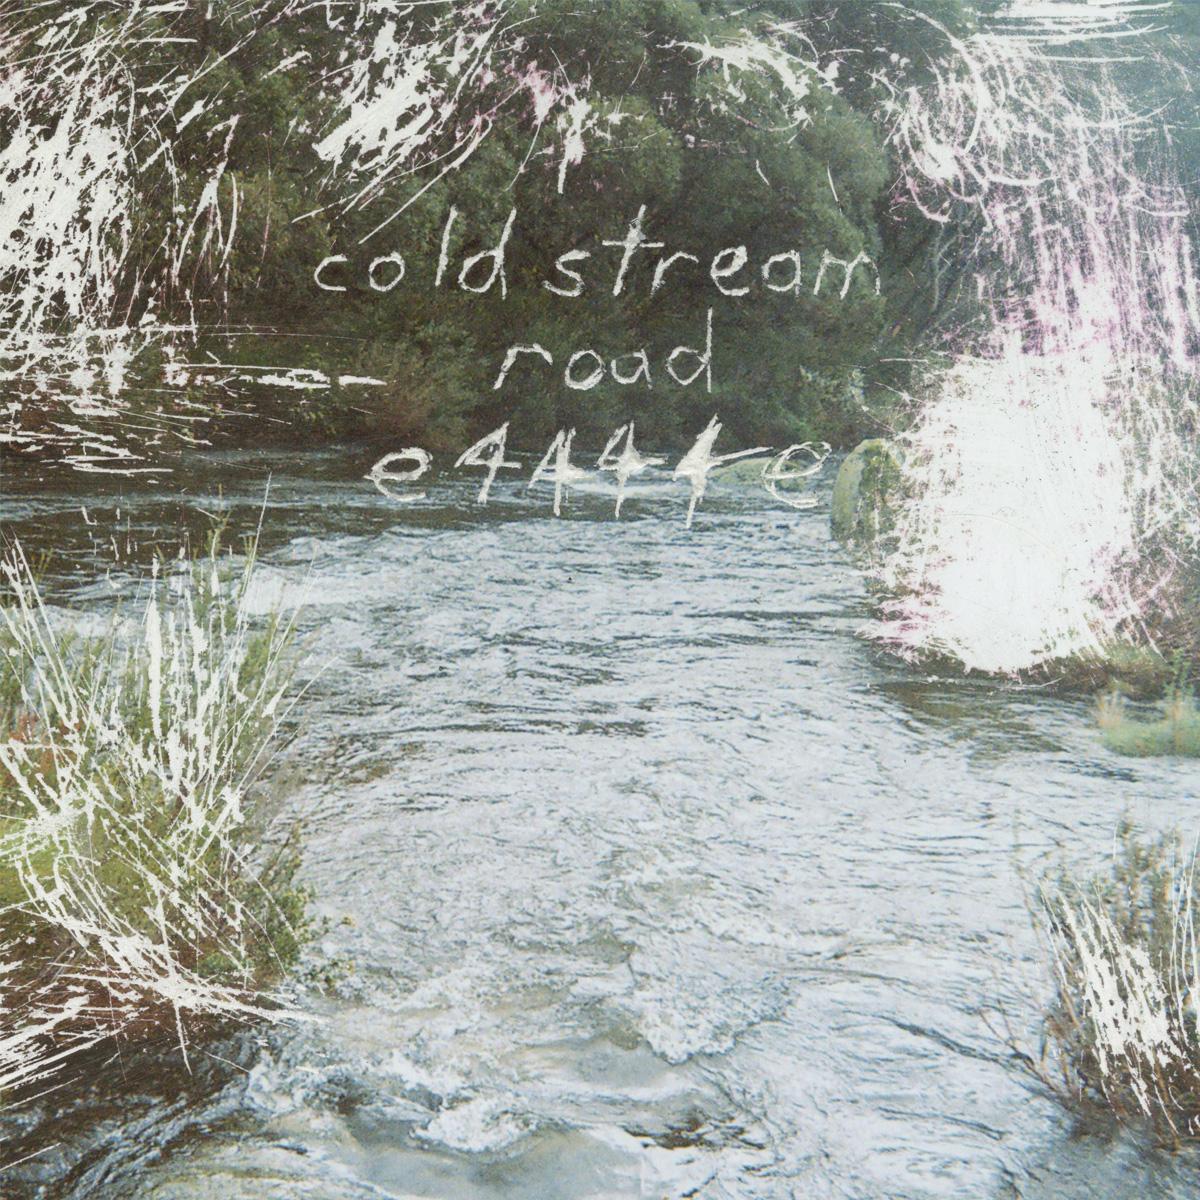 e4444e Coldstream Road album